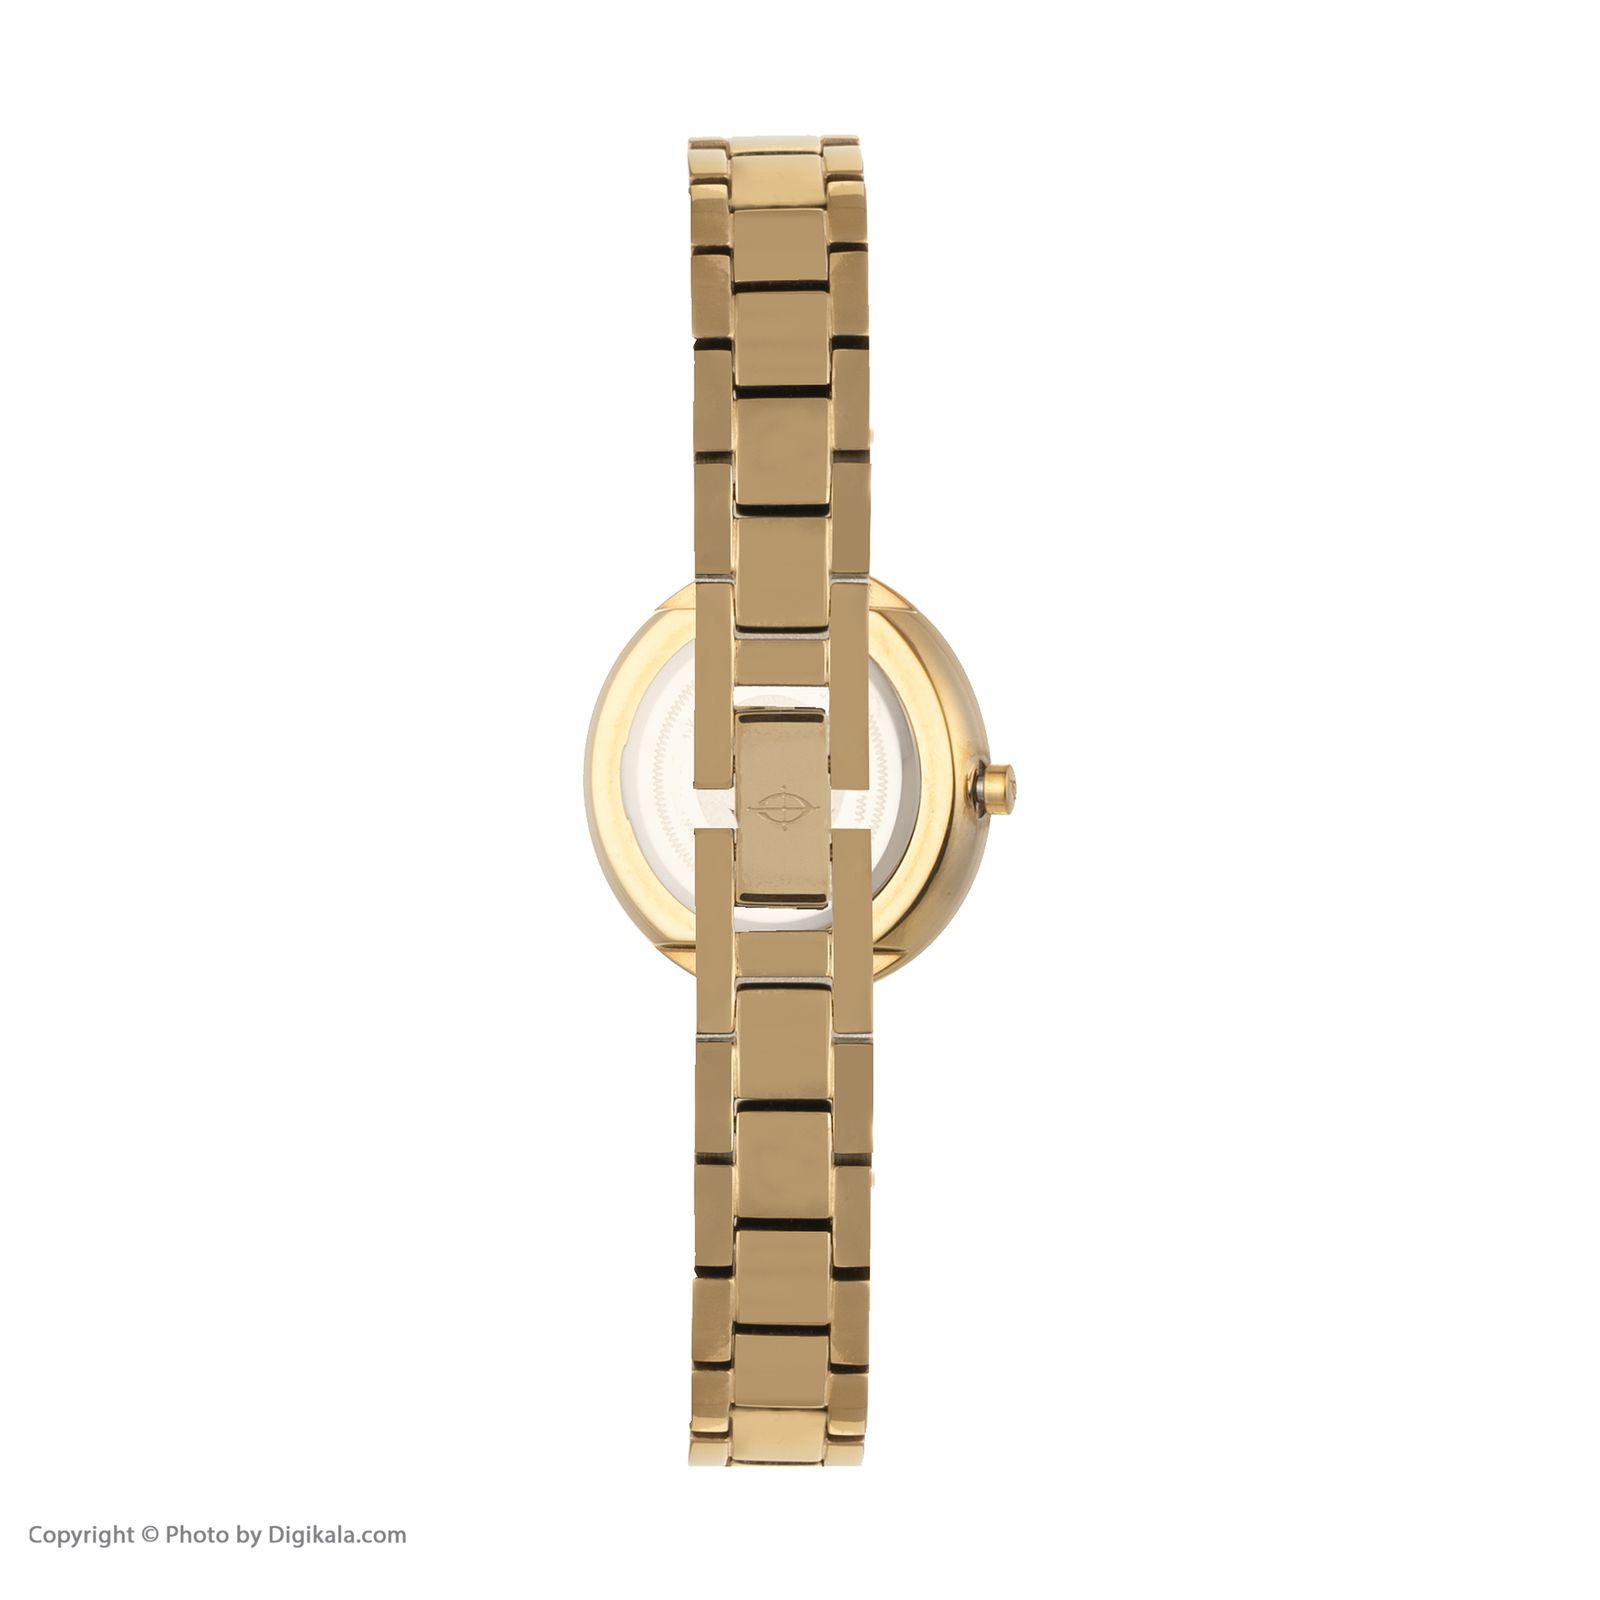 ساعت مچی عقربه ای زنانه کنتیننتال مدل 17002-LT202501 -  - 3